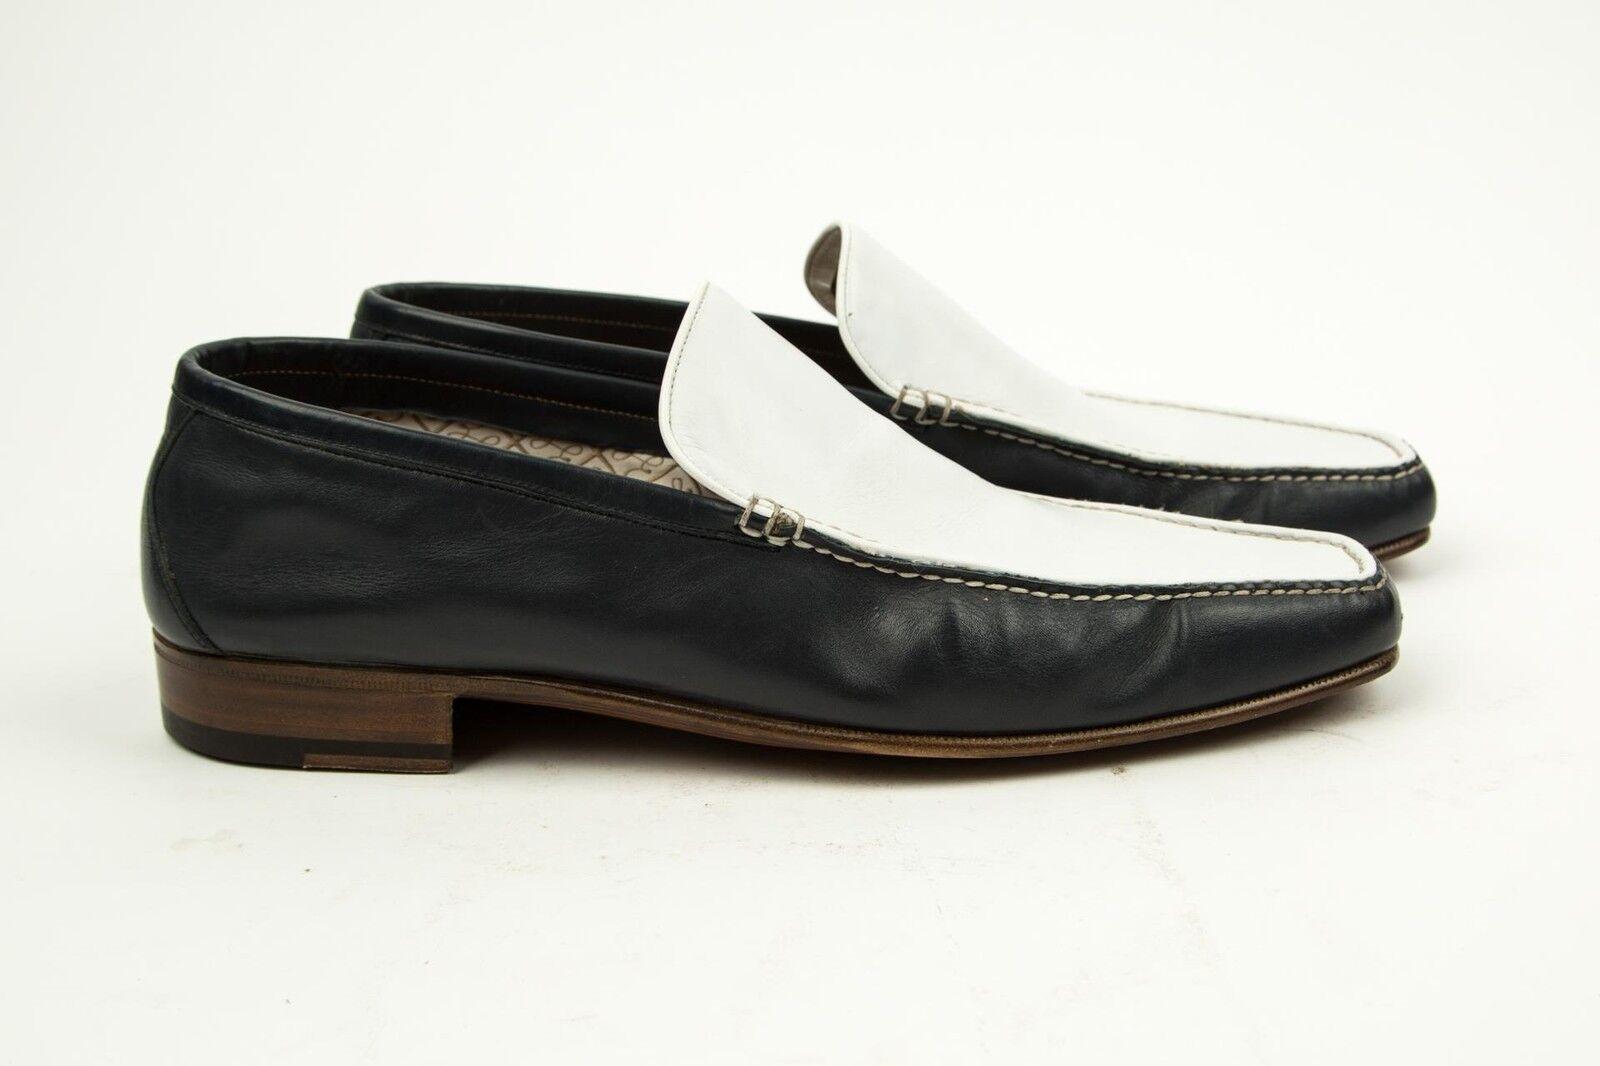 negozio di moda in vendita Brioni NUOVO Blu Bianco Contrasto Slip-On Mocassini Scarpe Scarpe Scarpe Eleganti 8.5 US 42 EU  ordina adesso